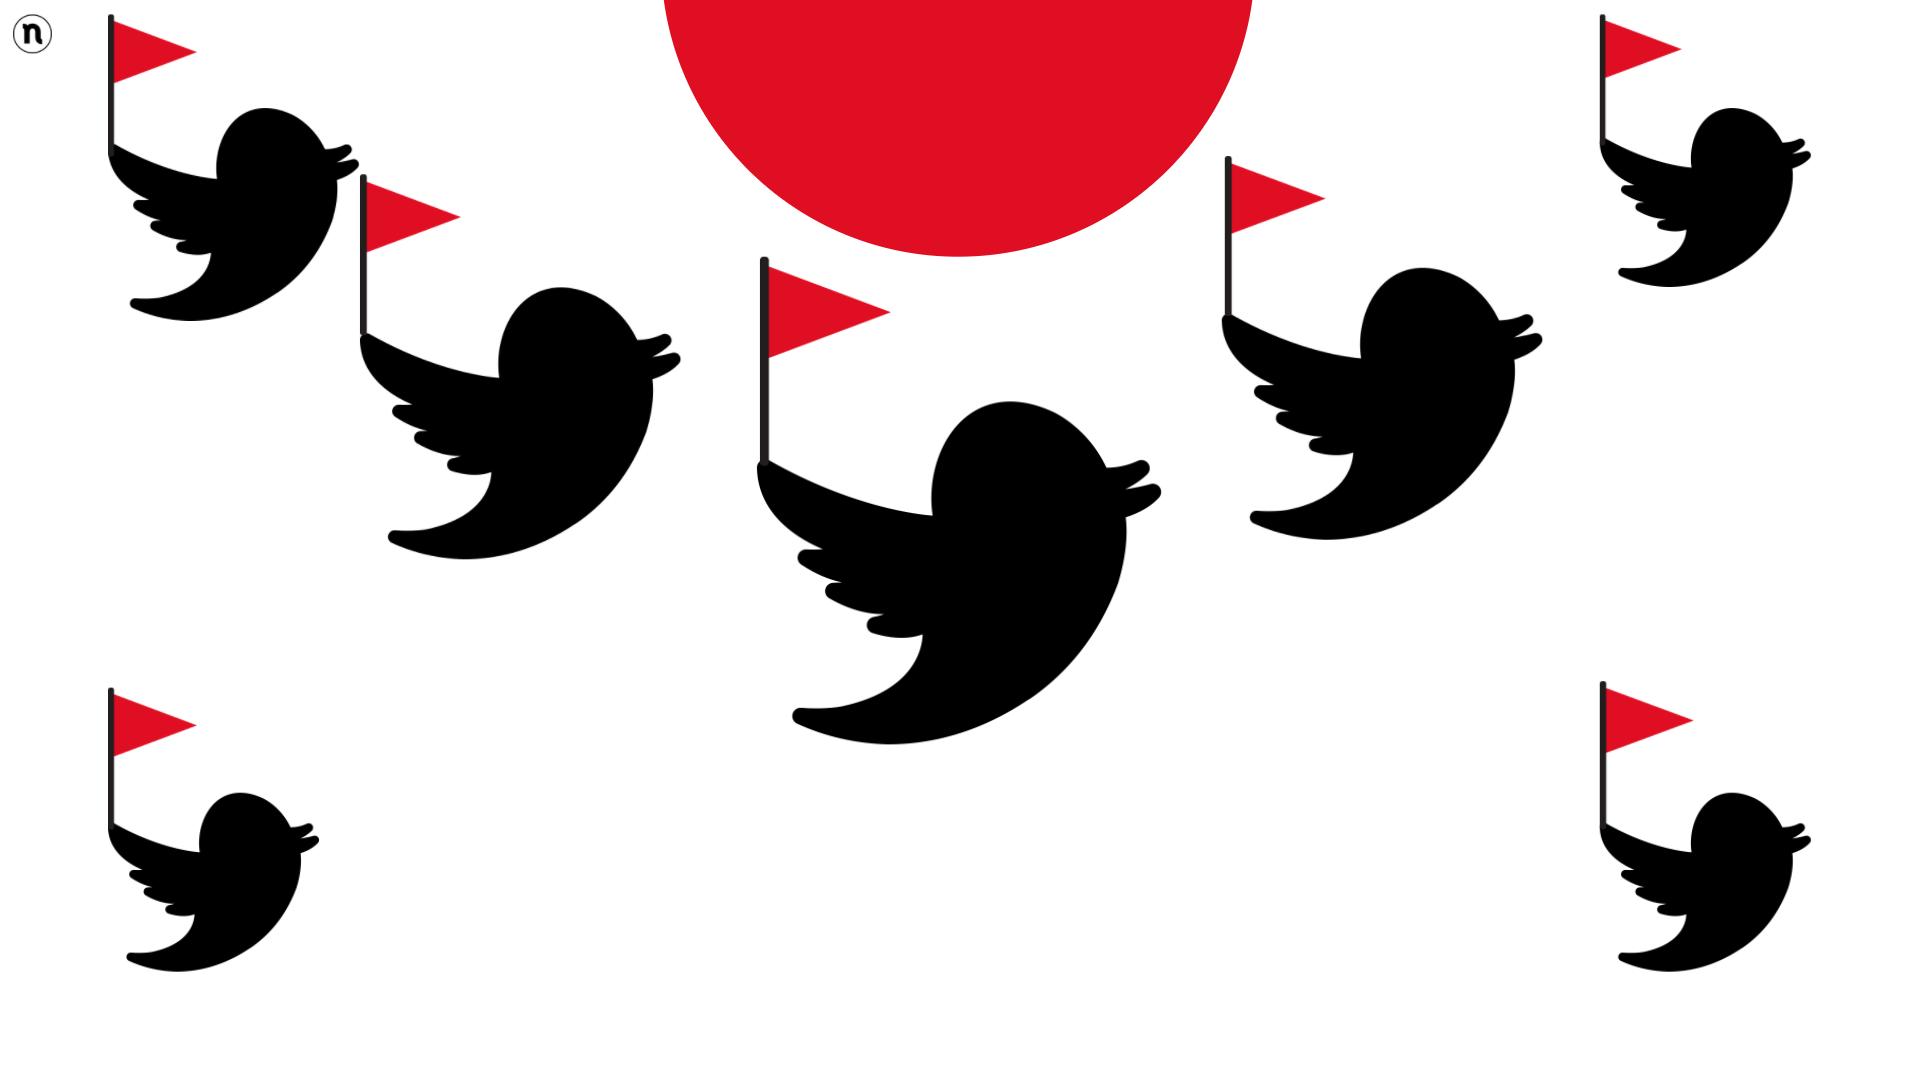 Spopolano le bandierine rosse su Twitter, scopriamo cosa sta succedendo